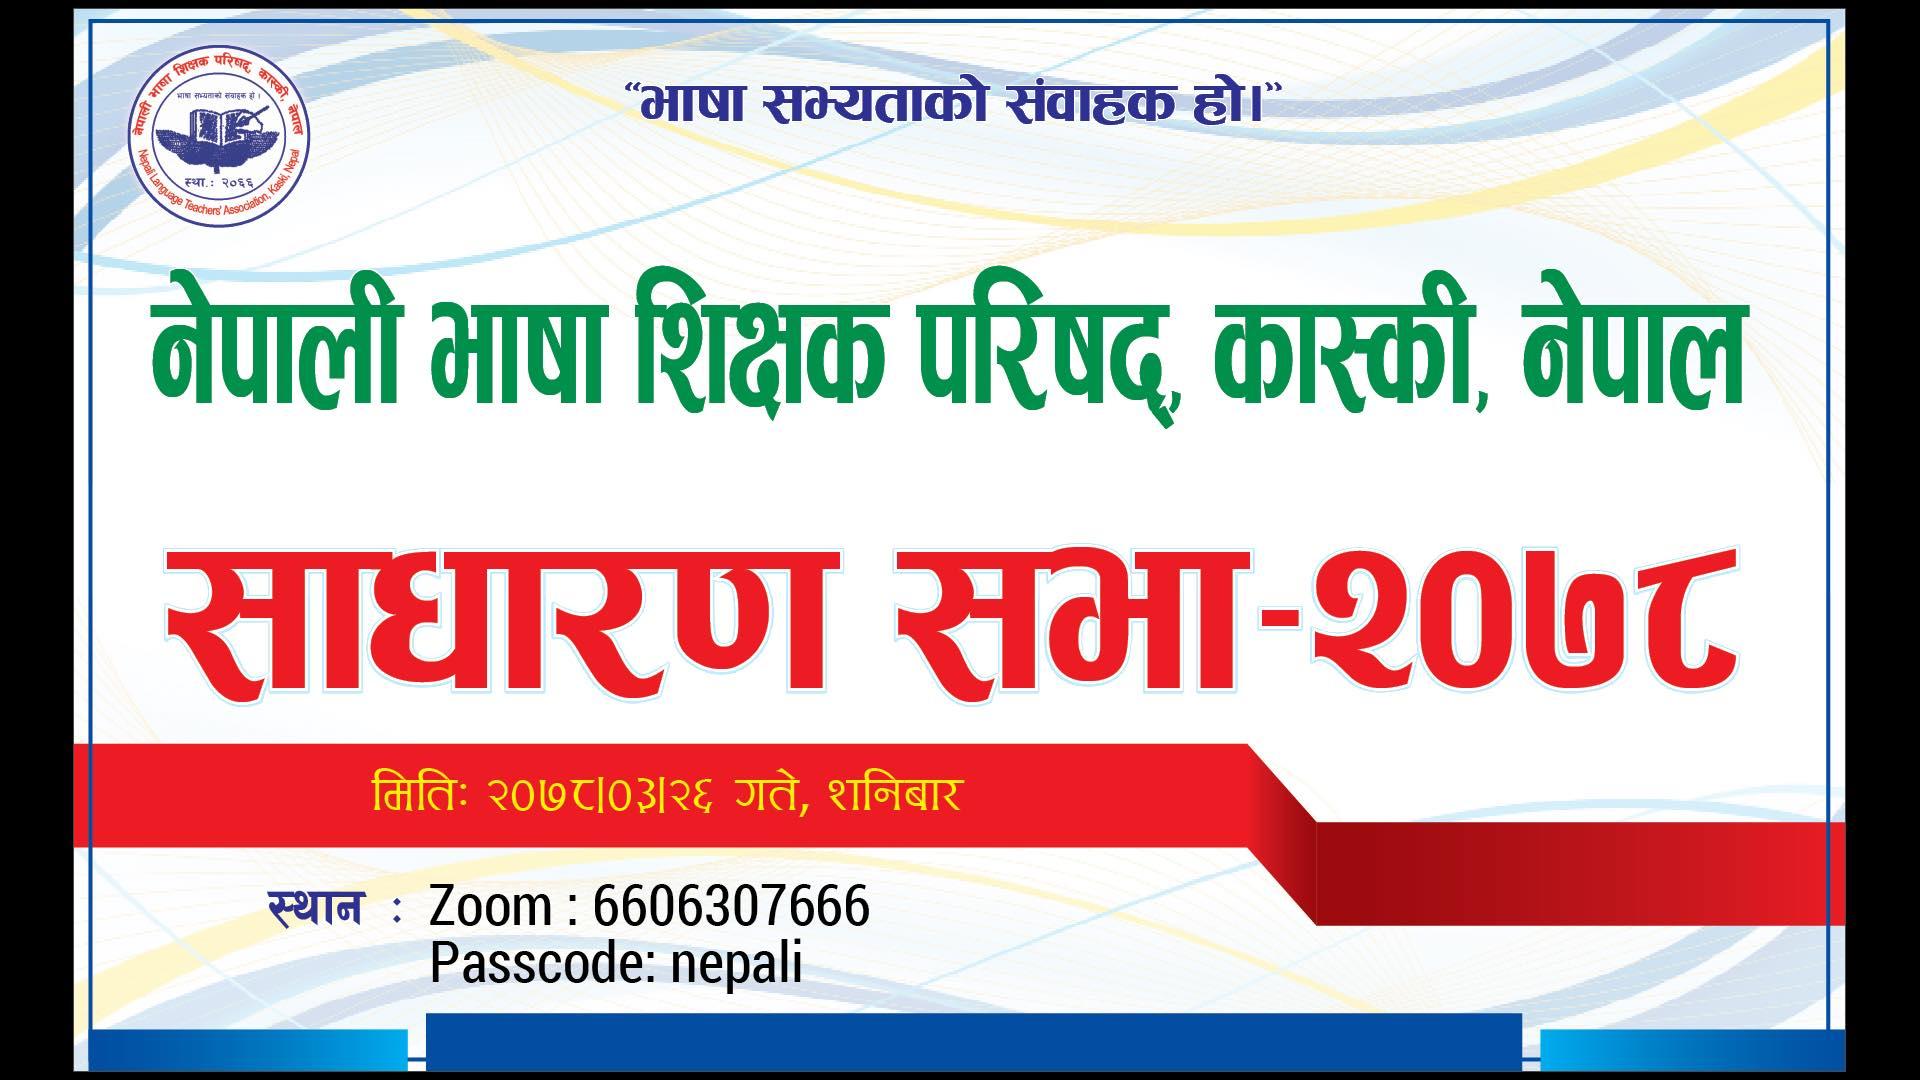 नेपाली भाषा शिक्षक परिषद् कास्कीको साधारण सभा सम्पन्न